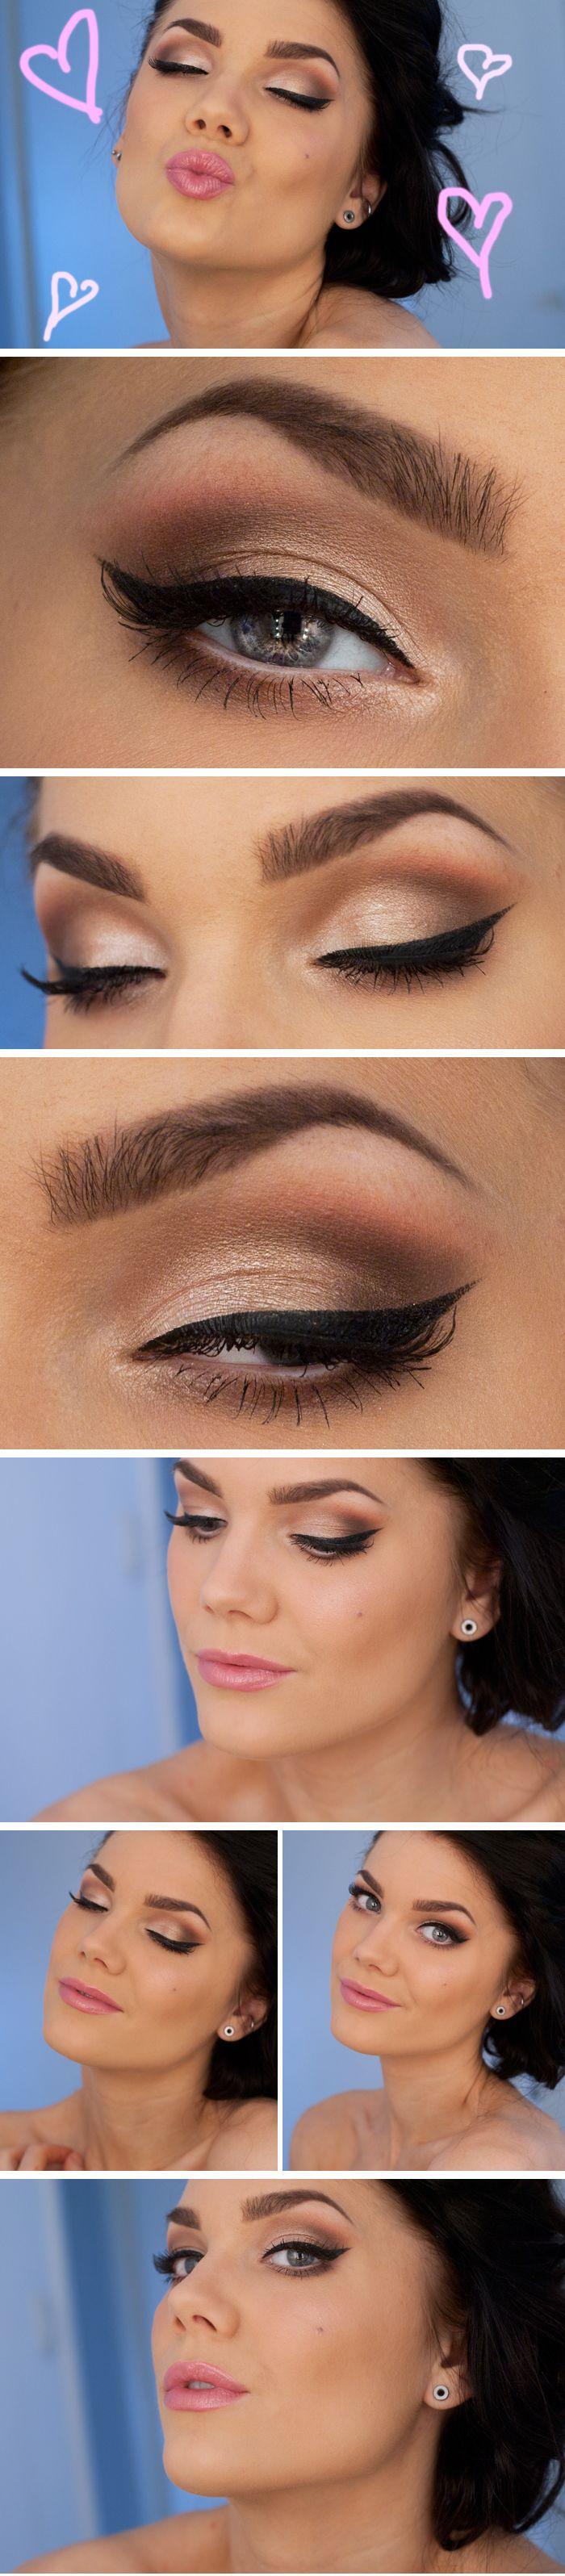 Romantic makeup look maquillaje pinterest makeup gorgeous